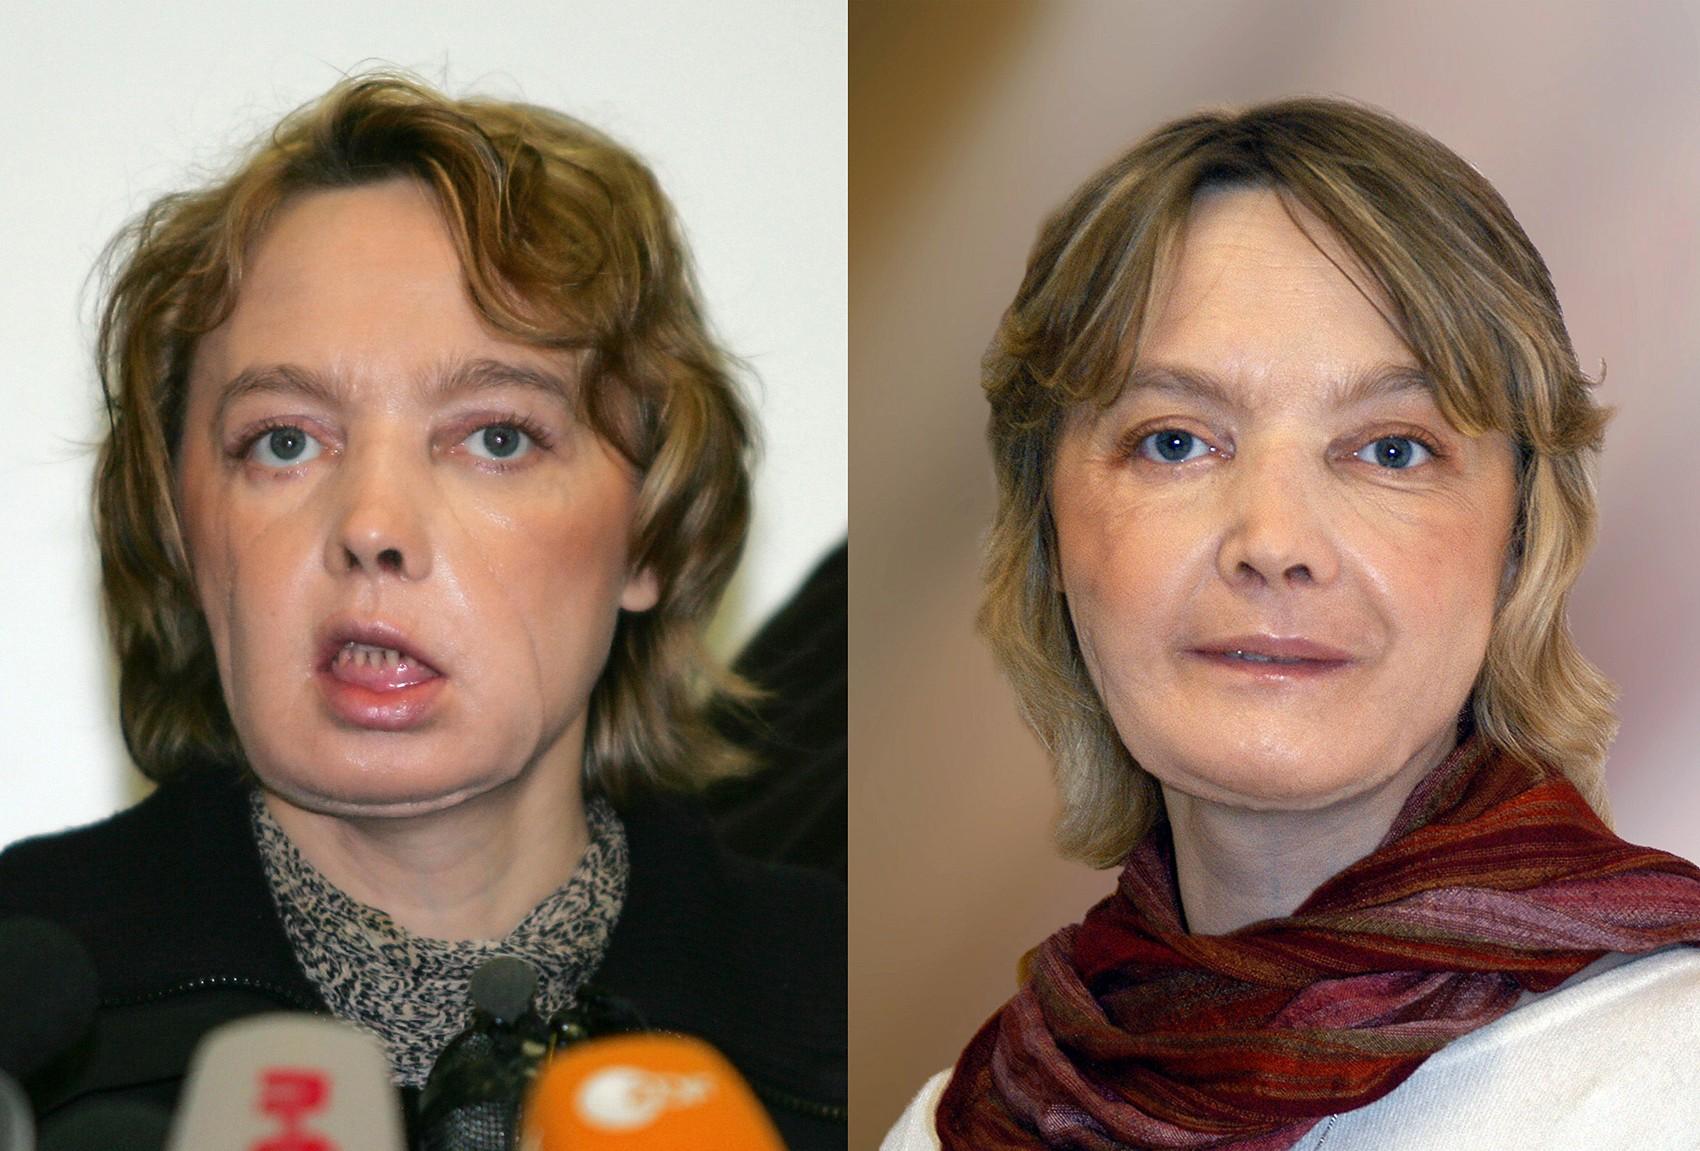 Fotos mostram Isabelle Dinoire em fevereiro de 2006 (esq.) e em novembro de 2006 (dir.), alguns meses depois sua cirurgia de transplante de face (Foto: DENIS CHARLET / AFP & CHU AMIENS / AFP)